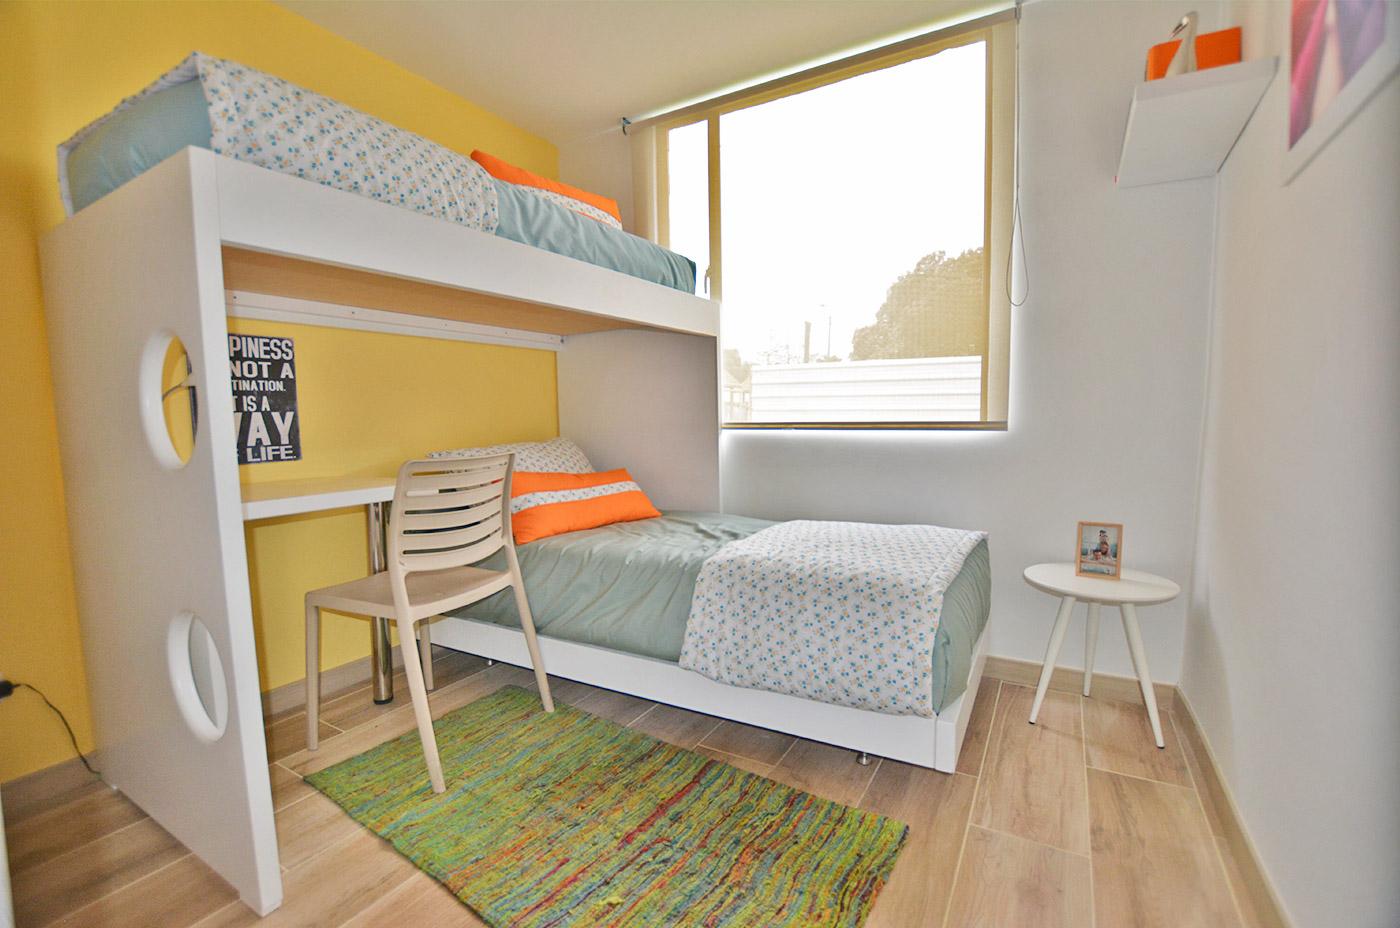 Torres-de-timiza-apartamentos-kennedy-nuevos-vivienda-de-interes-social-subsidio-vis-venta-vivienda-bogota-2-habitaciones-torortiz-casas-lotes-Cuarto Timiza